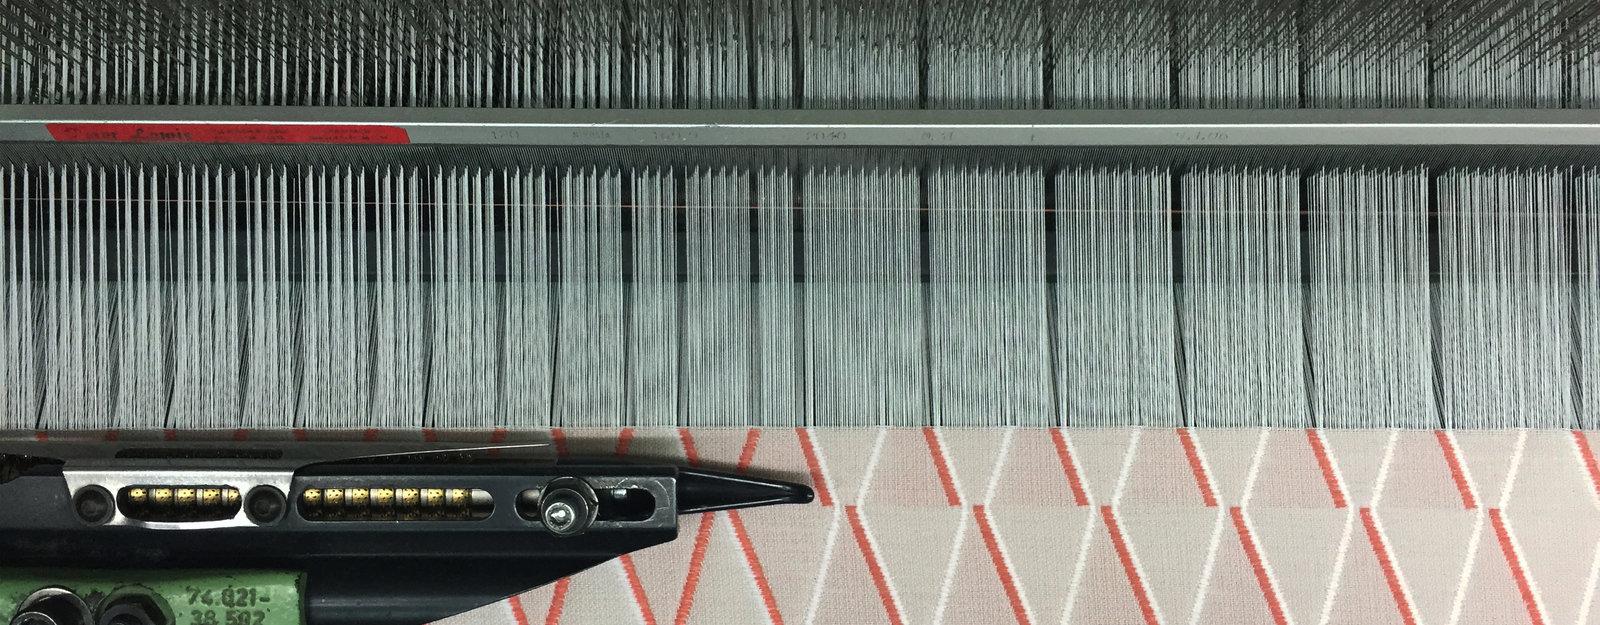 Meet 5 Textile-Focused Dutch Designers Exhibiting at Ventura New